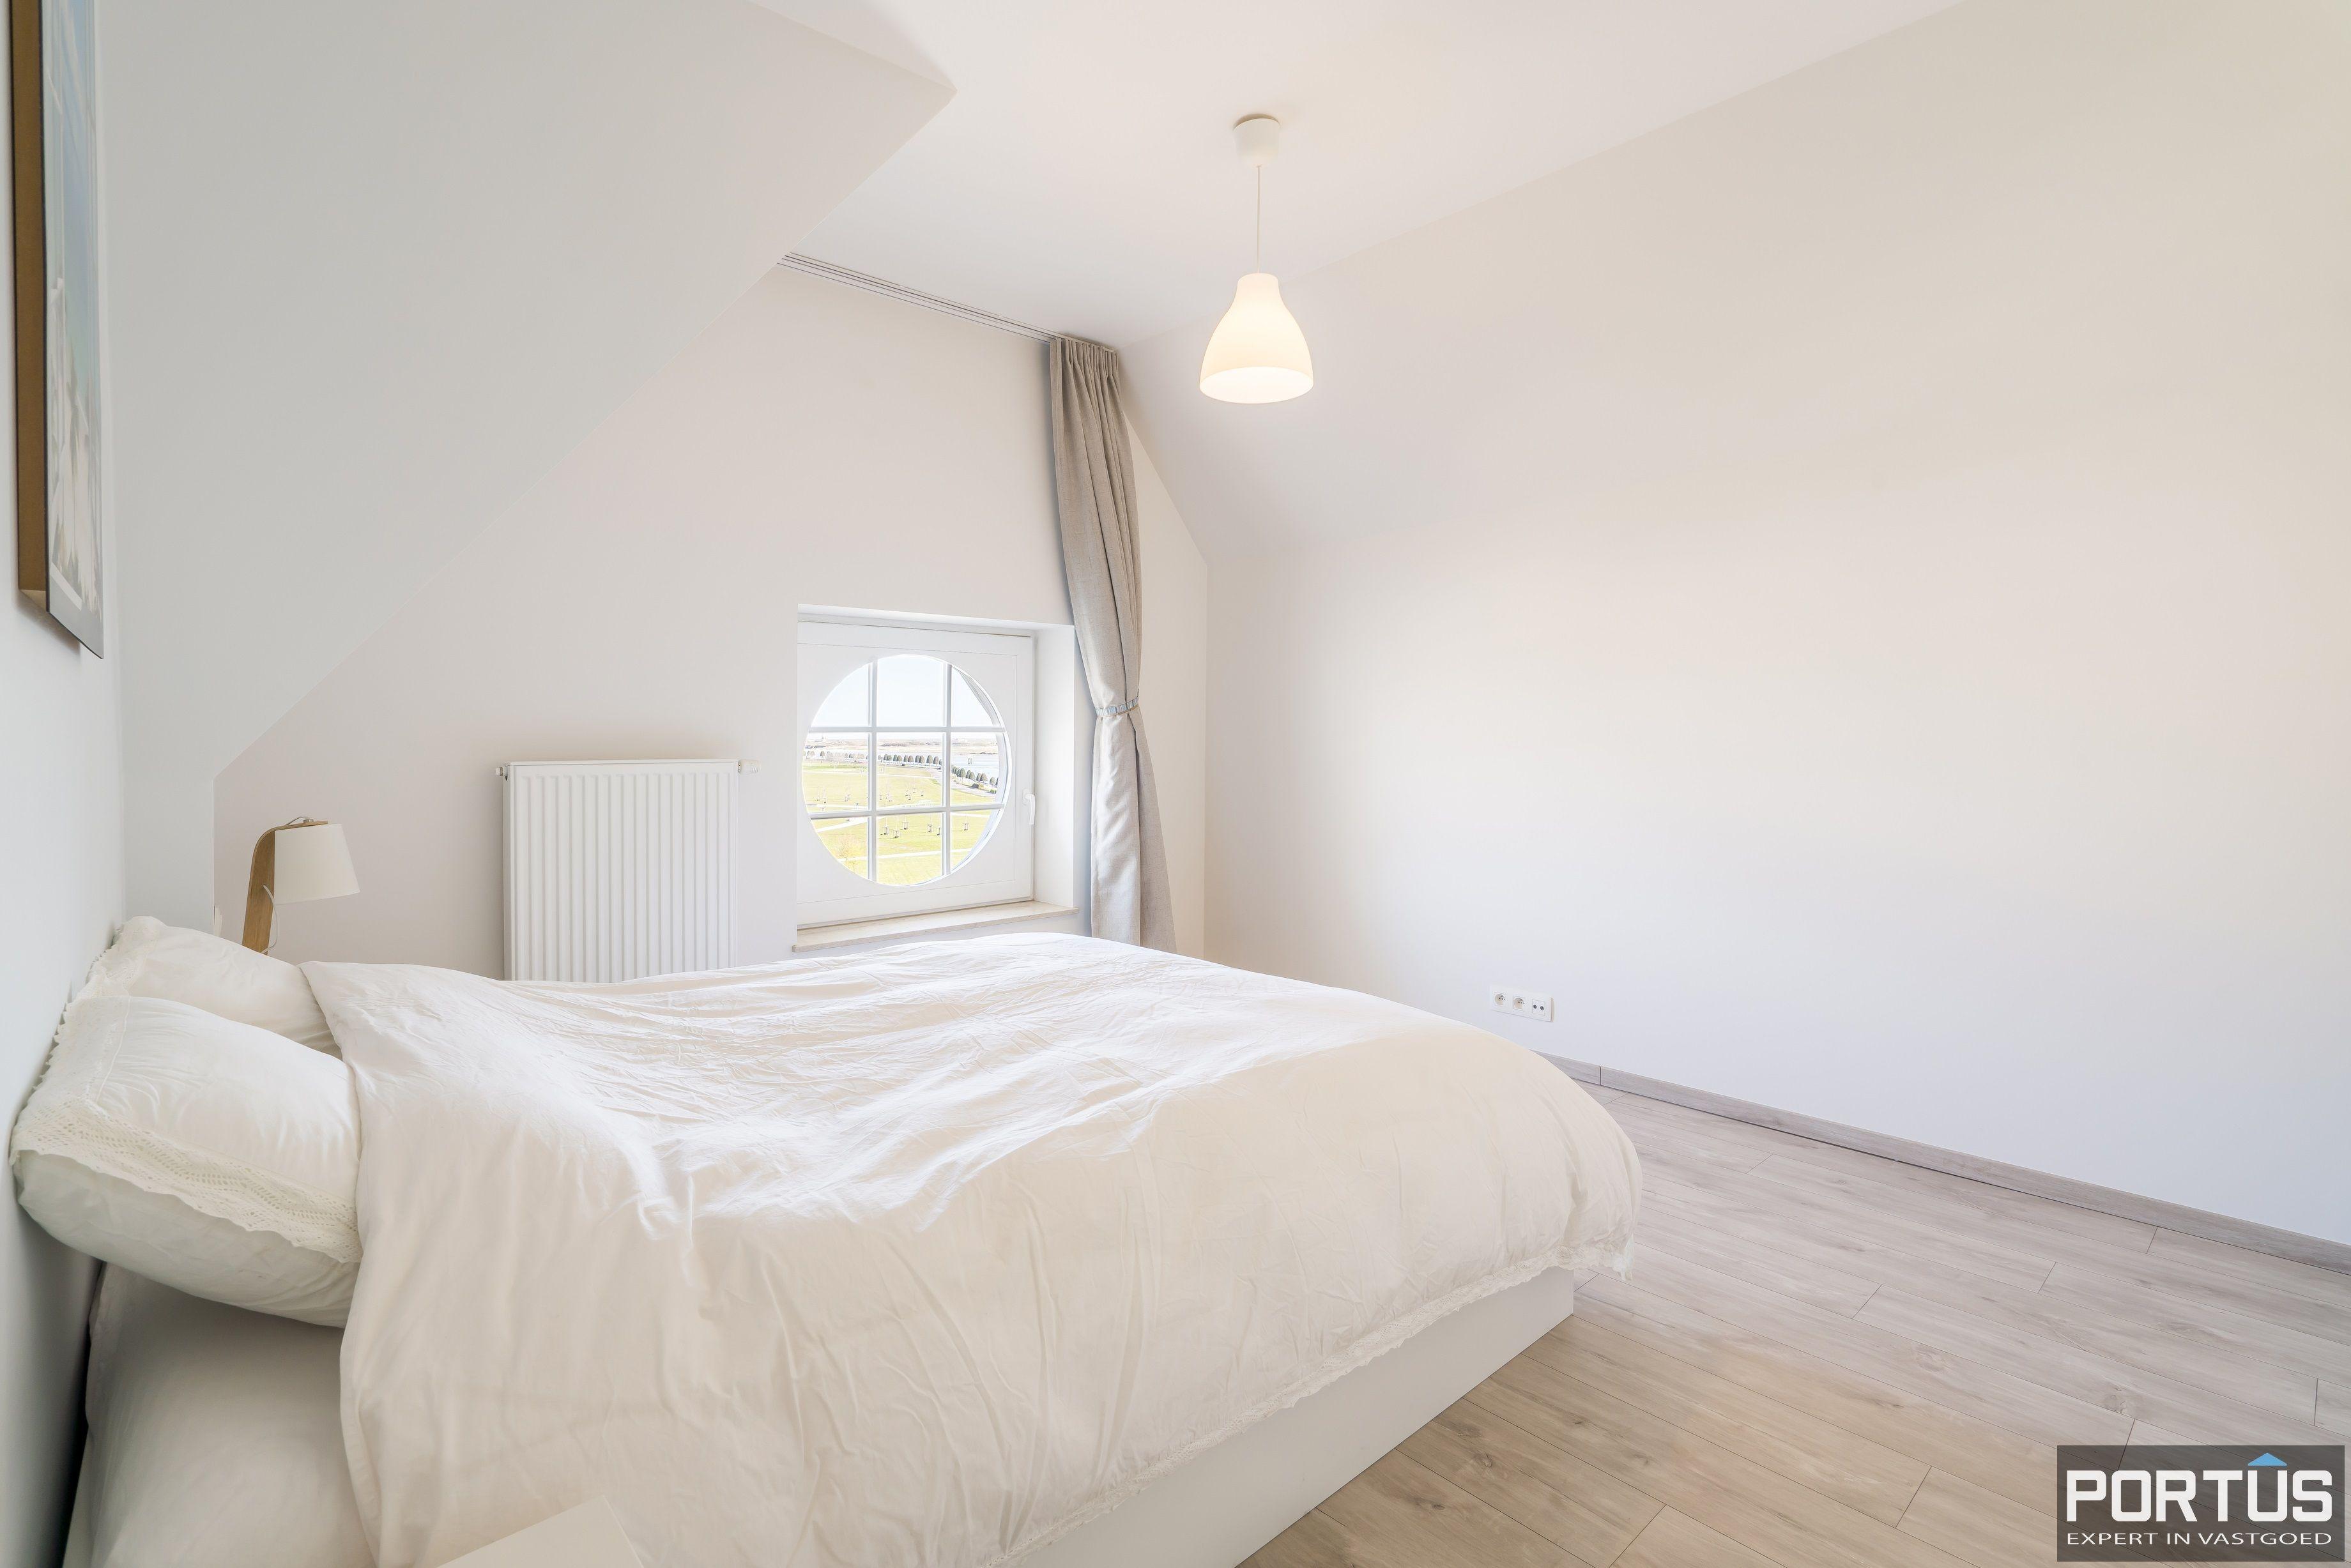 Instapklaar appartement te koop met prachtig zicht op Maritiem park te Nieuwpoort - 12578